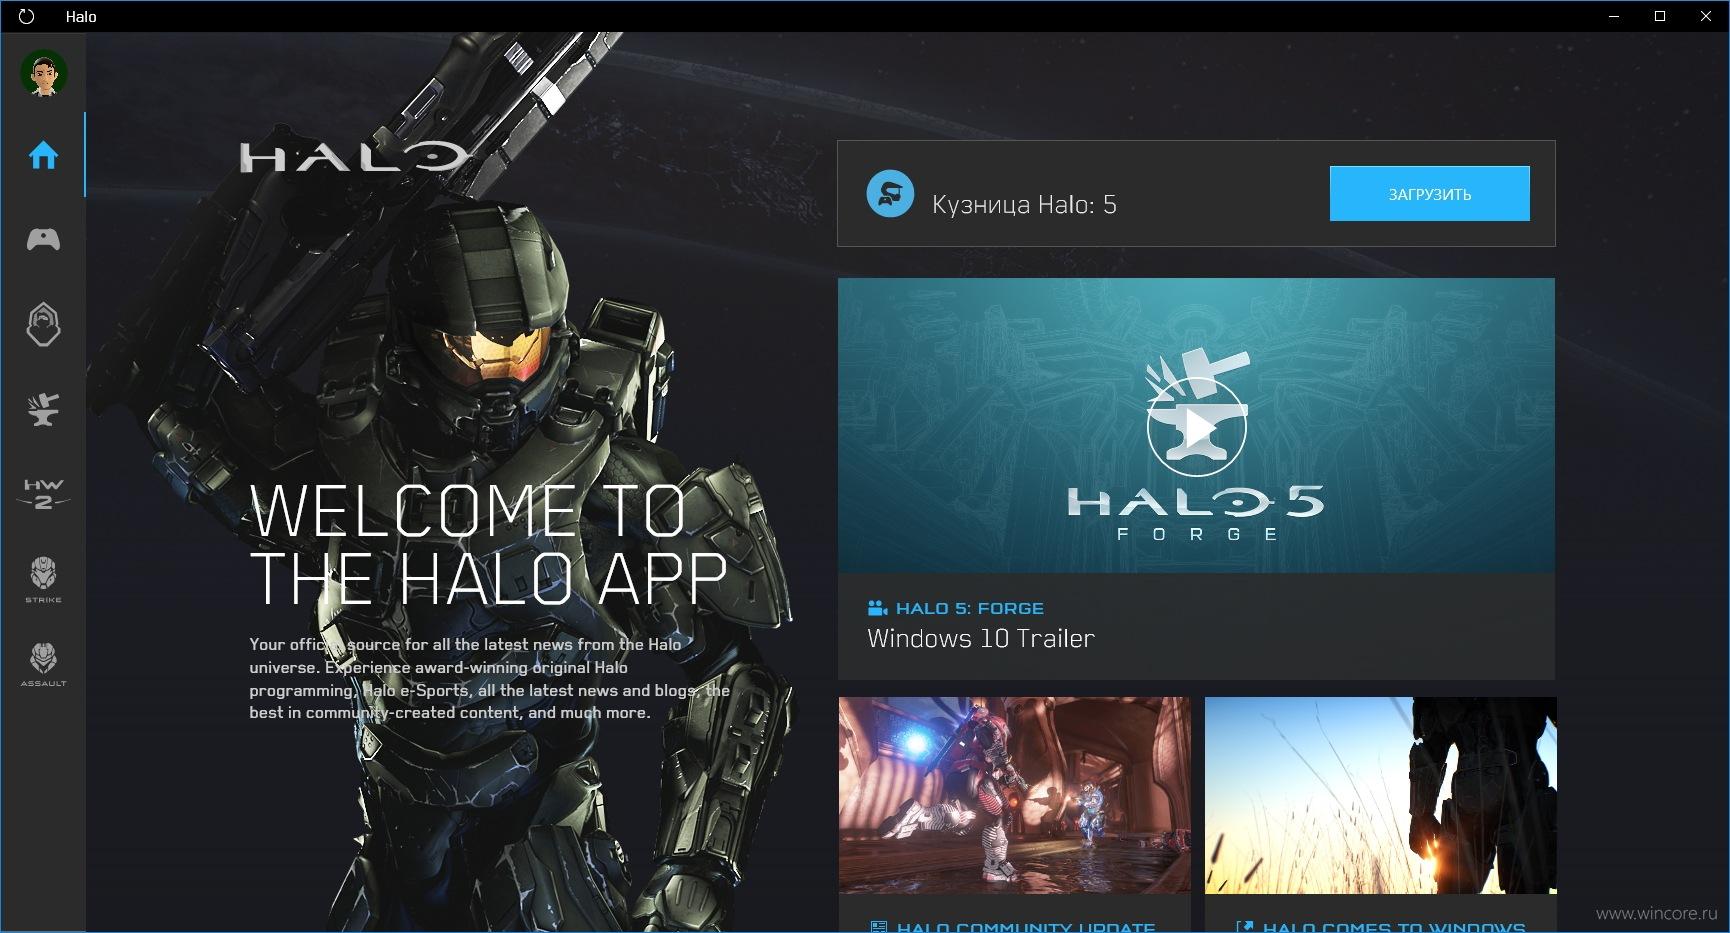 Для Windows 10 выпущено ещё одно приложение Halo